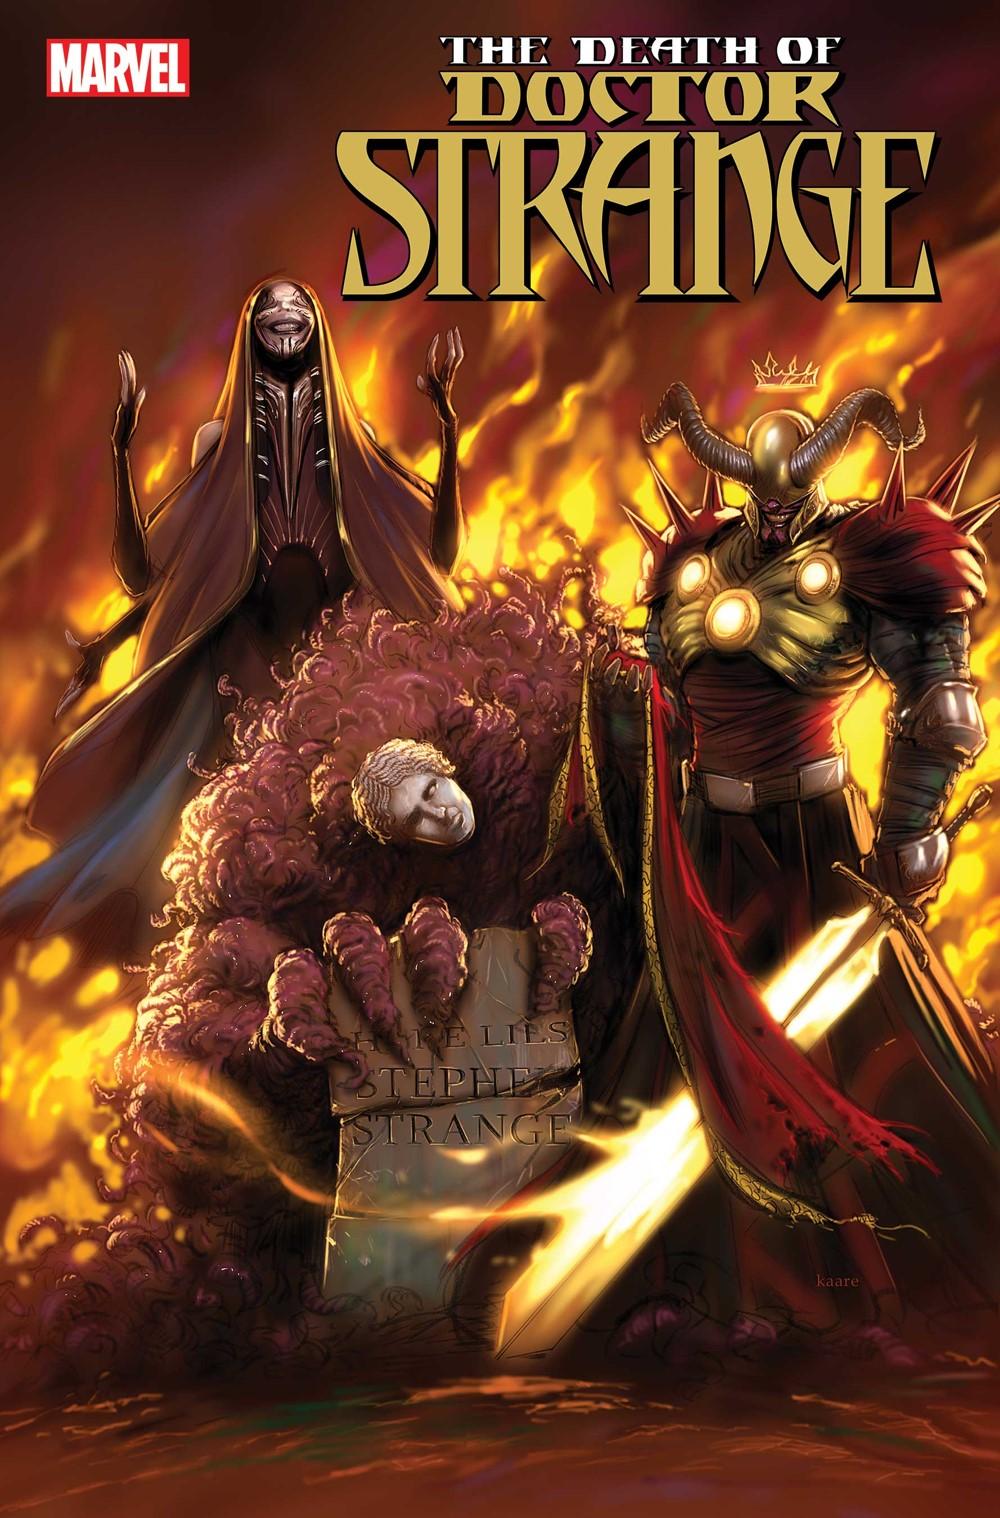 DRSDEATH2021003_CVR-1 Marvel Comics November 2021 Solicitations